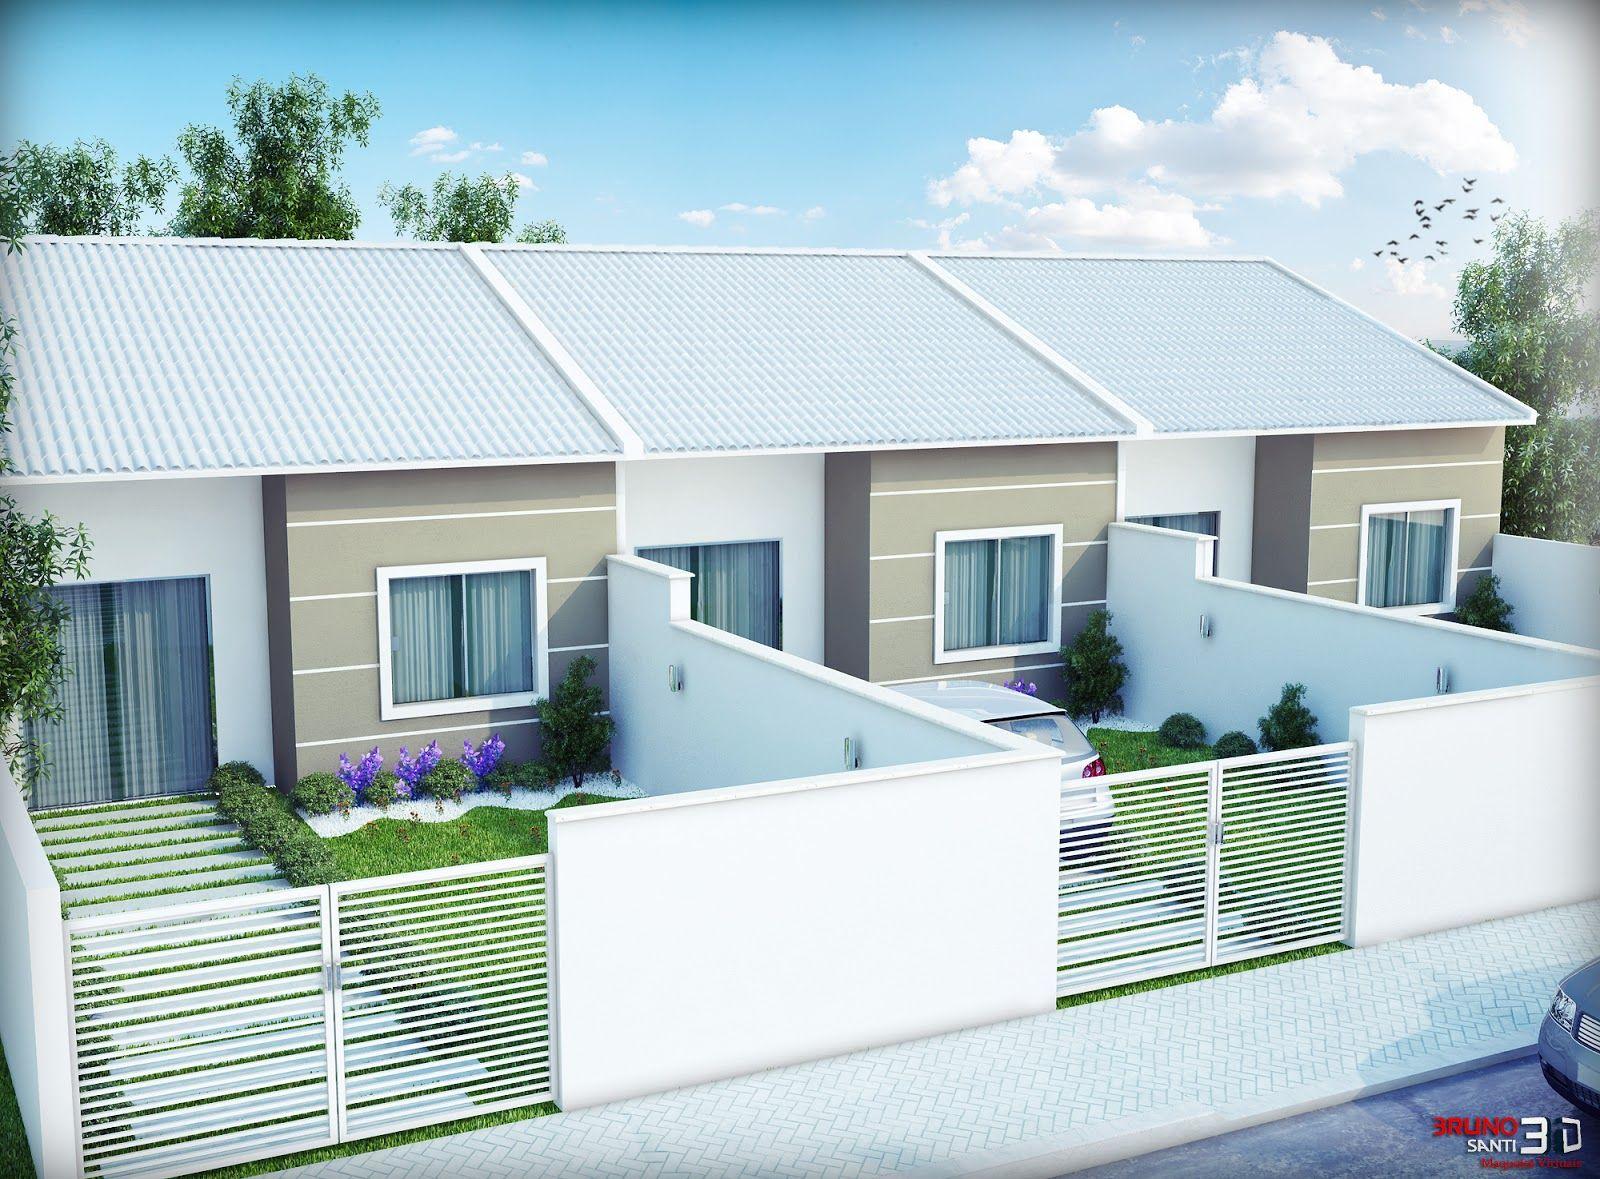 Maquete eletronica bruno santi 3d casas geminadas for Casa moderna 90m2